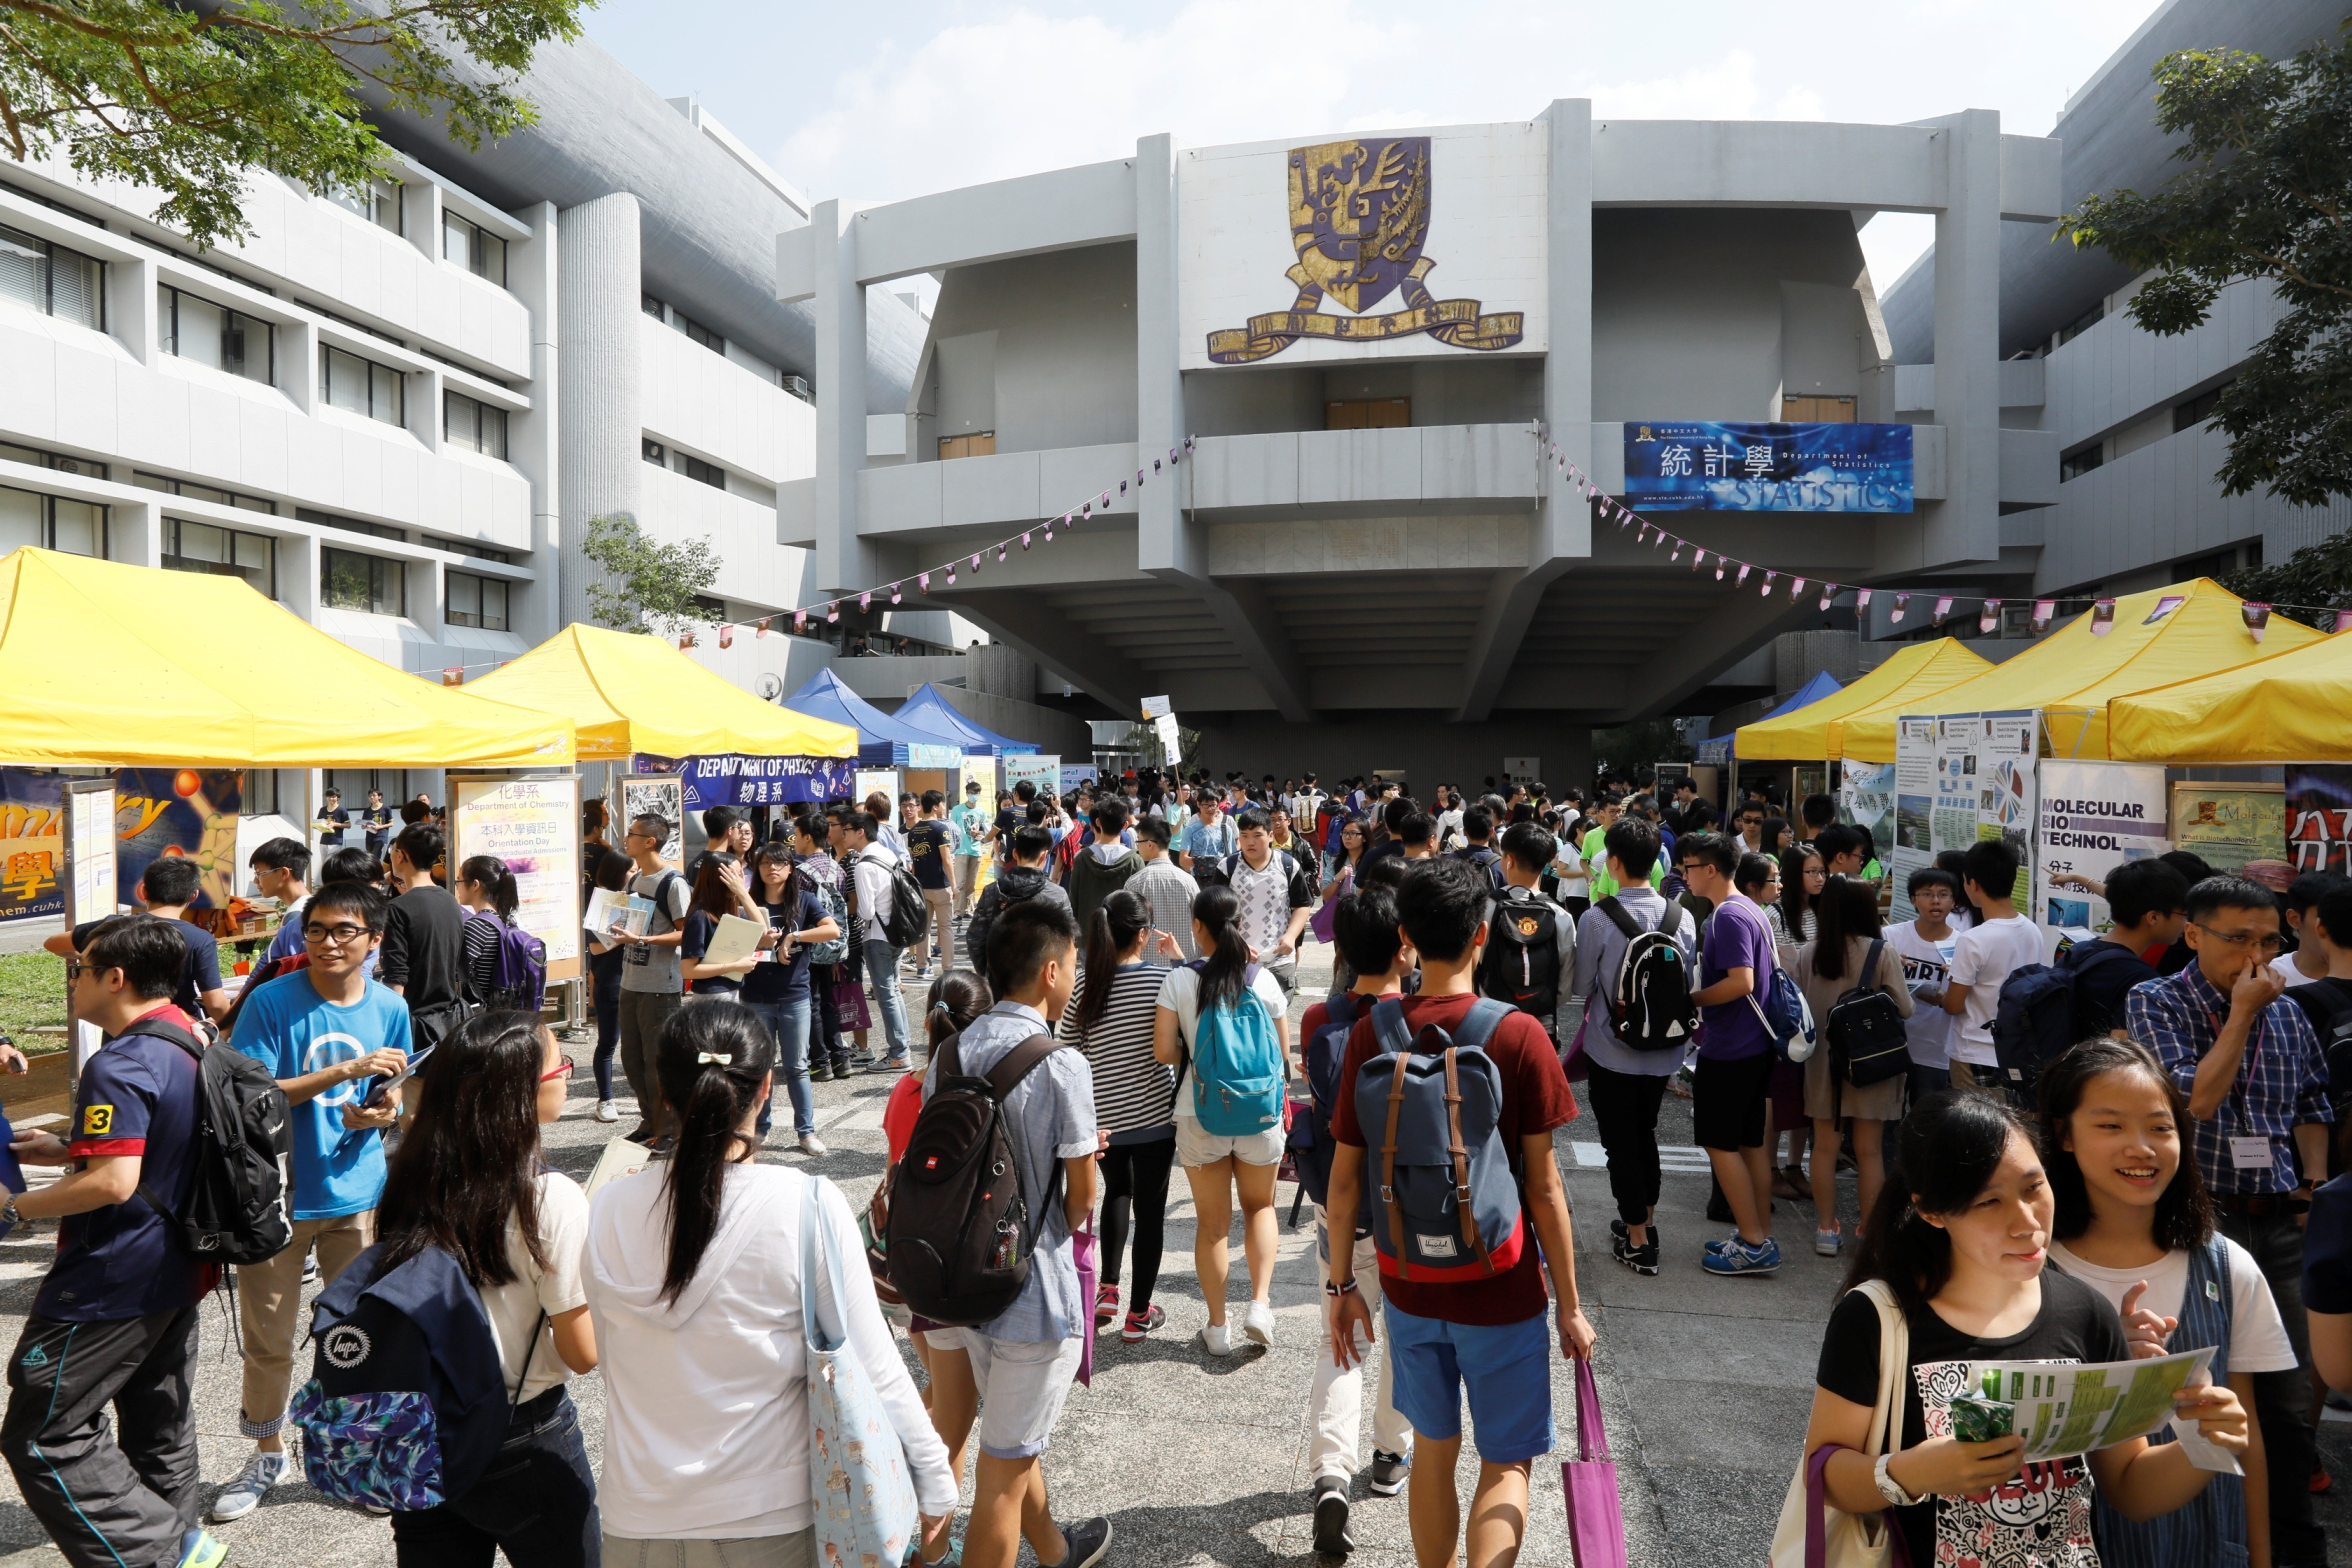 中大本科入学资讯日吸引近五万四千人莅临参观校园,了解最新的入学资讯。